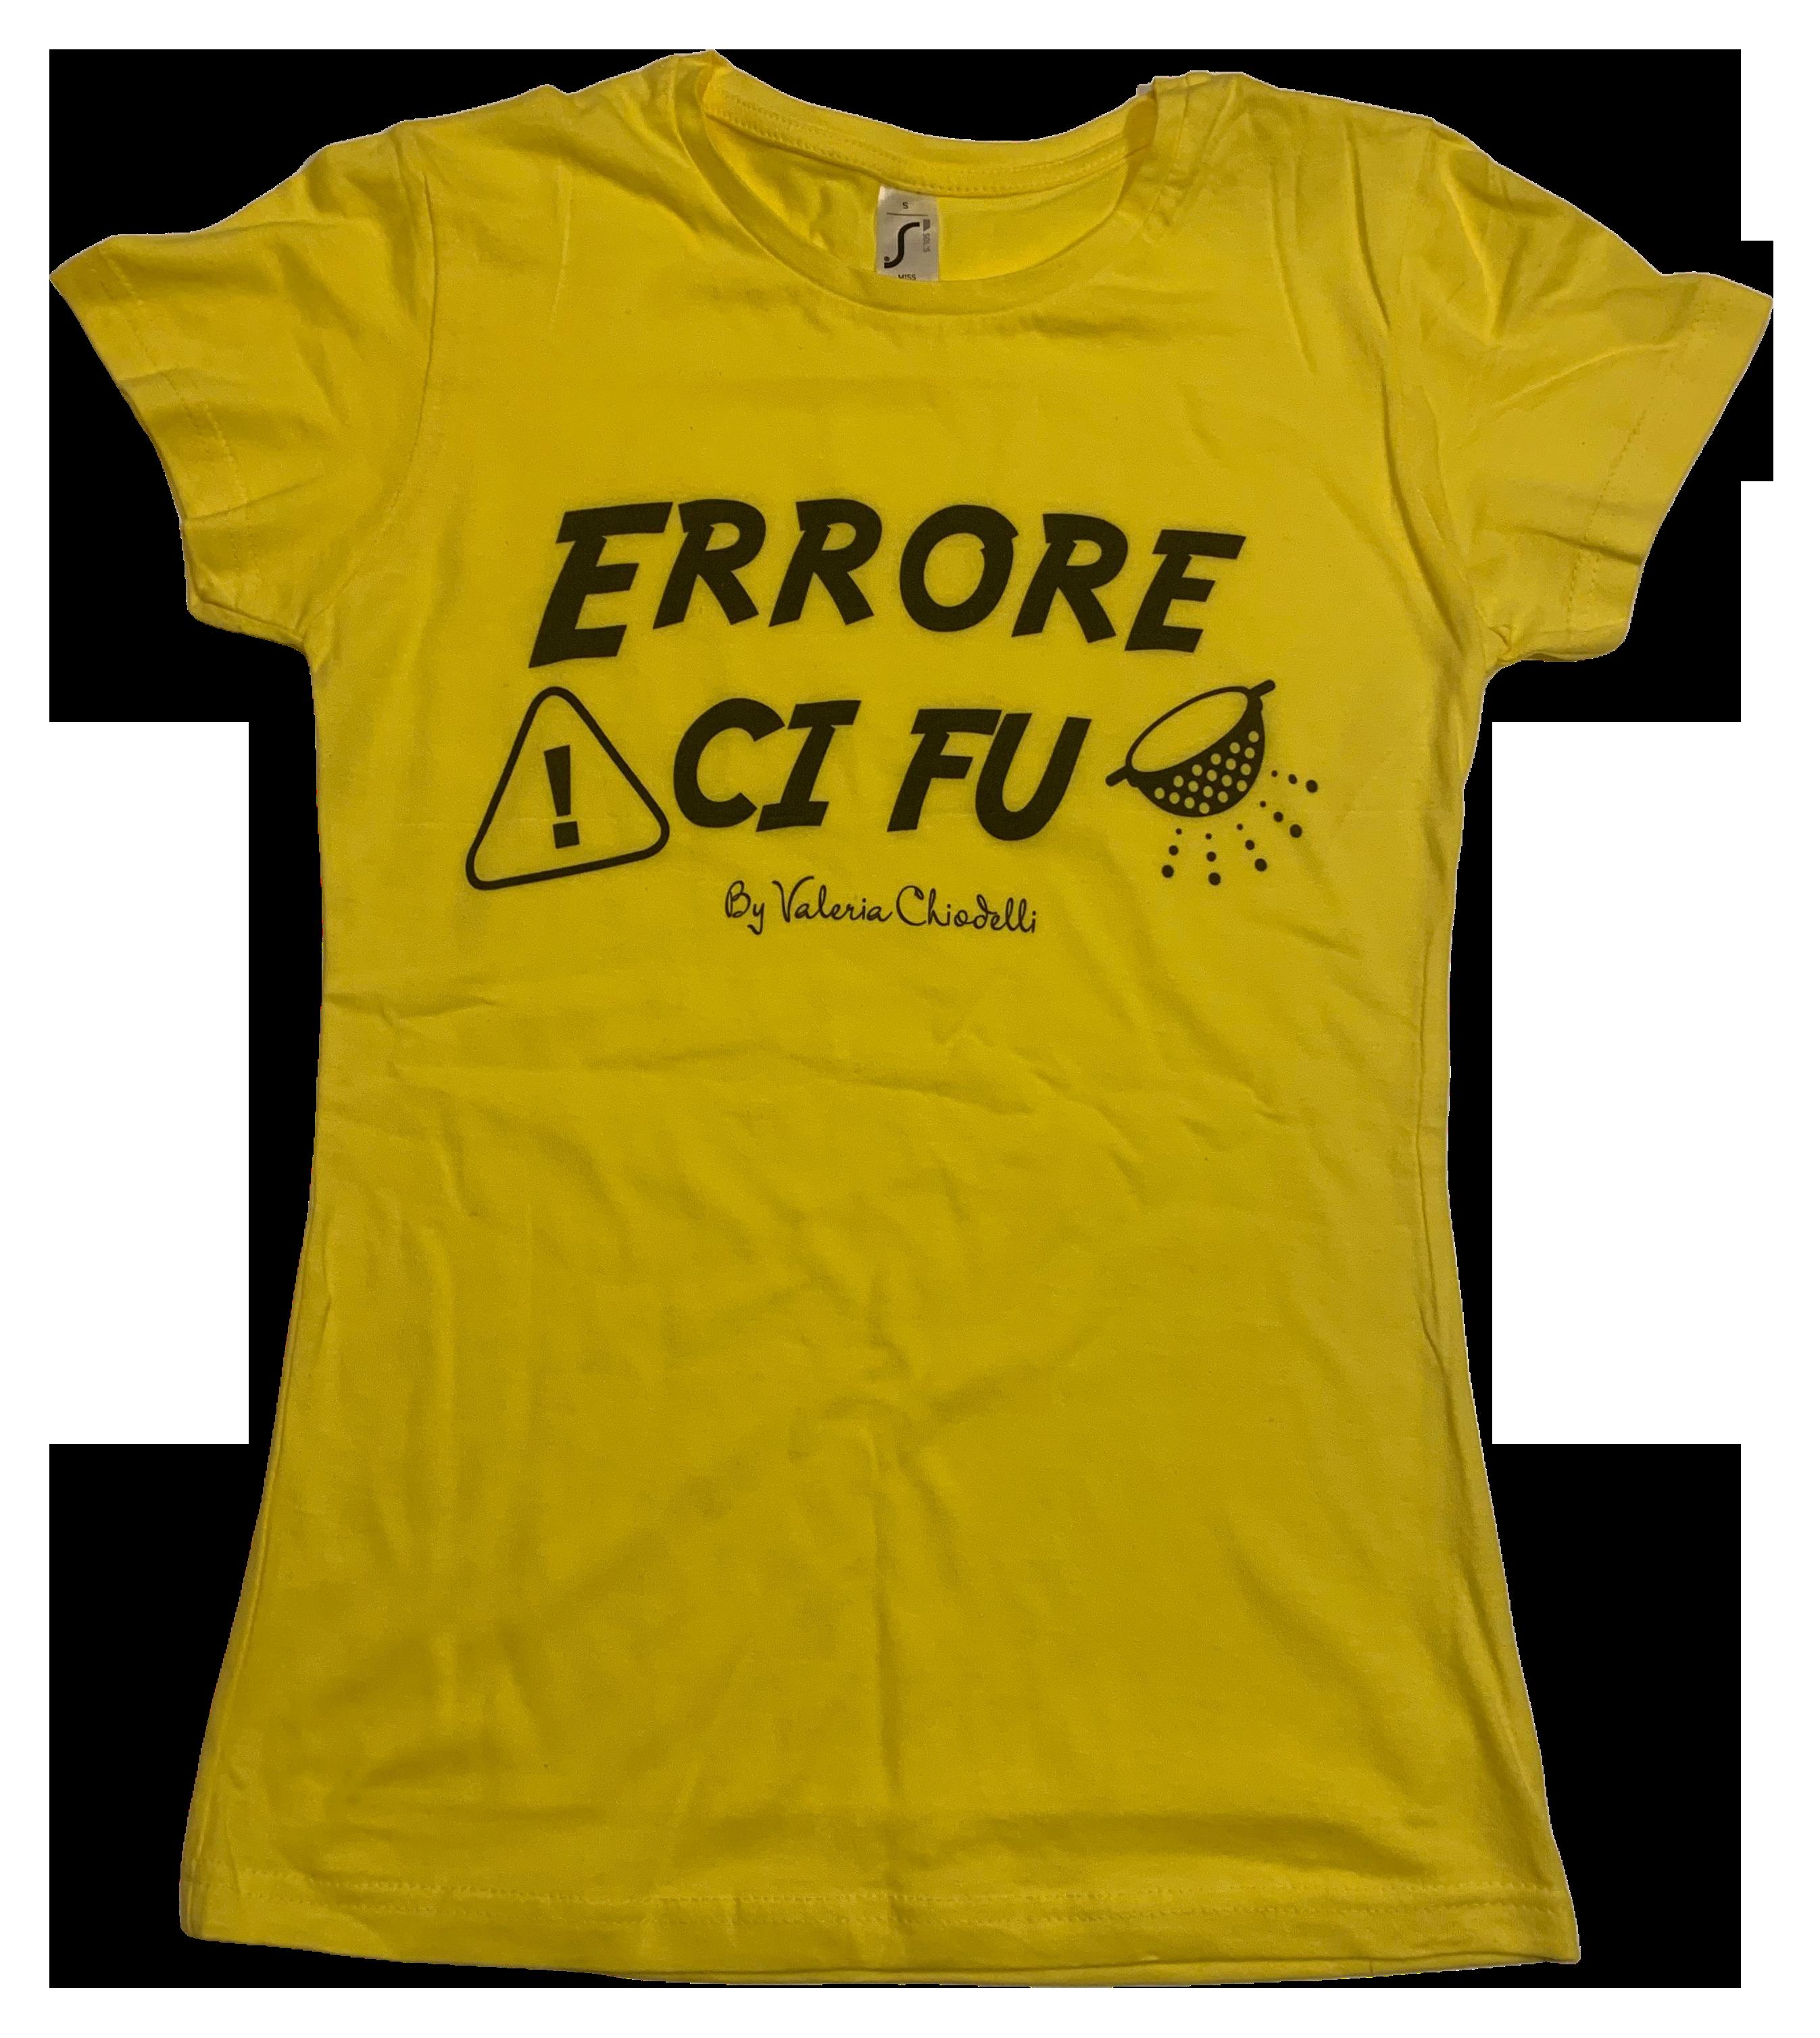 T-Shirt Errore ci fu by Valeria Chiodelli Gialla